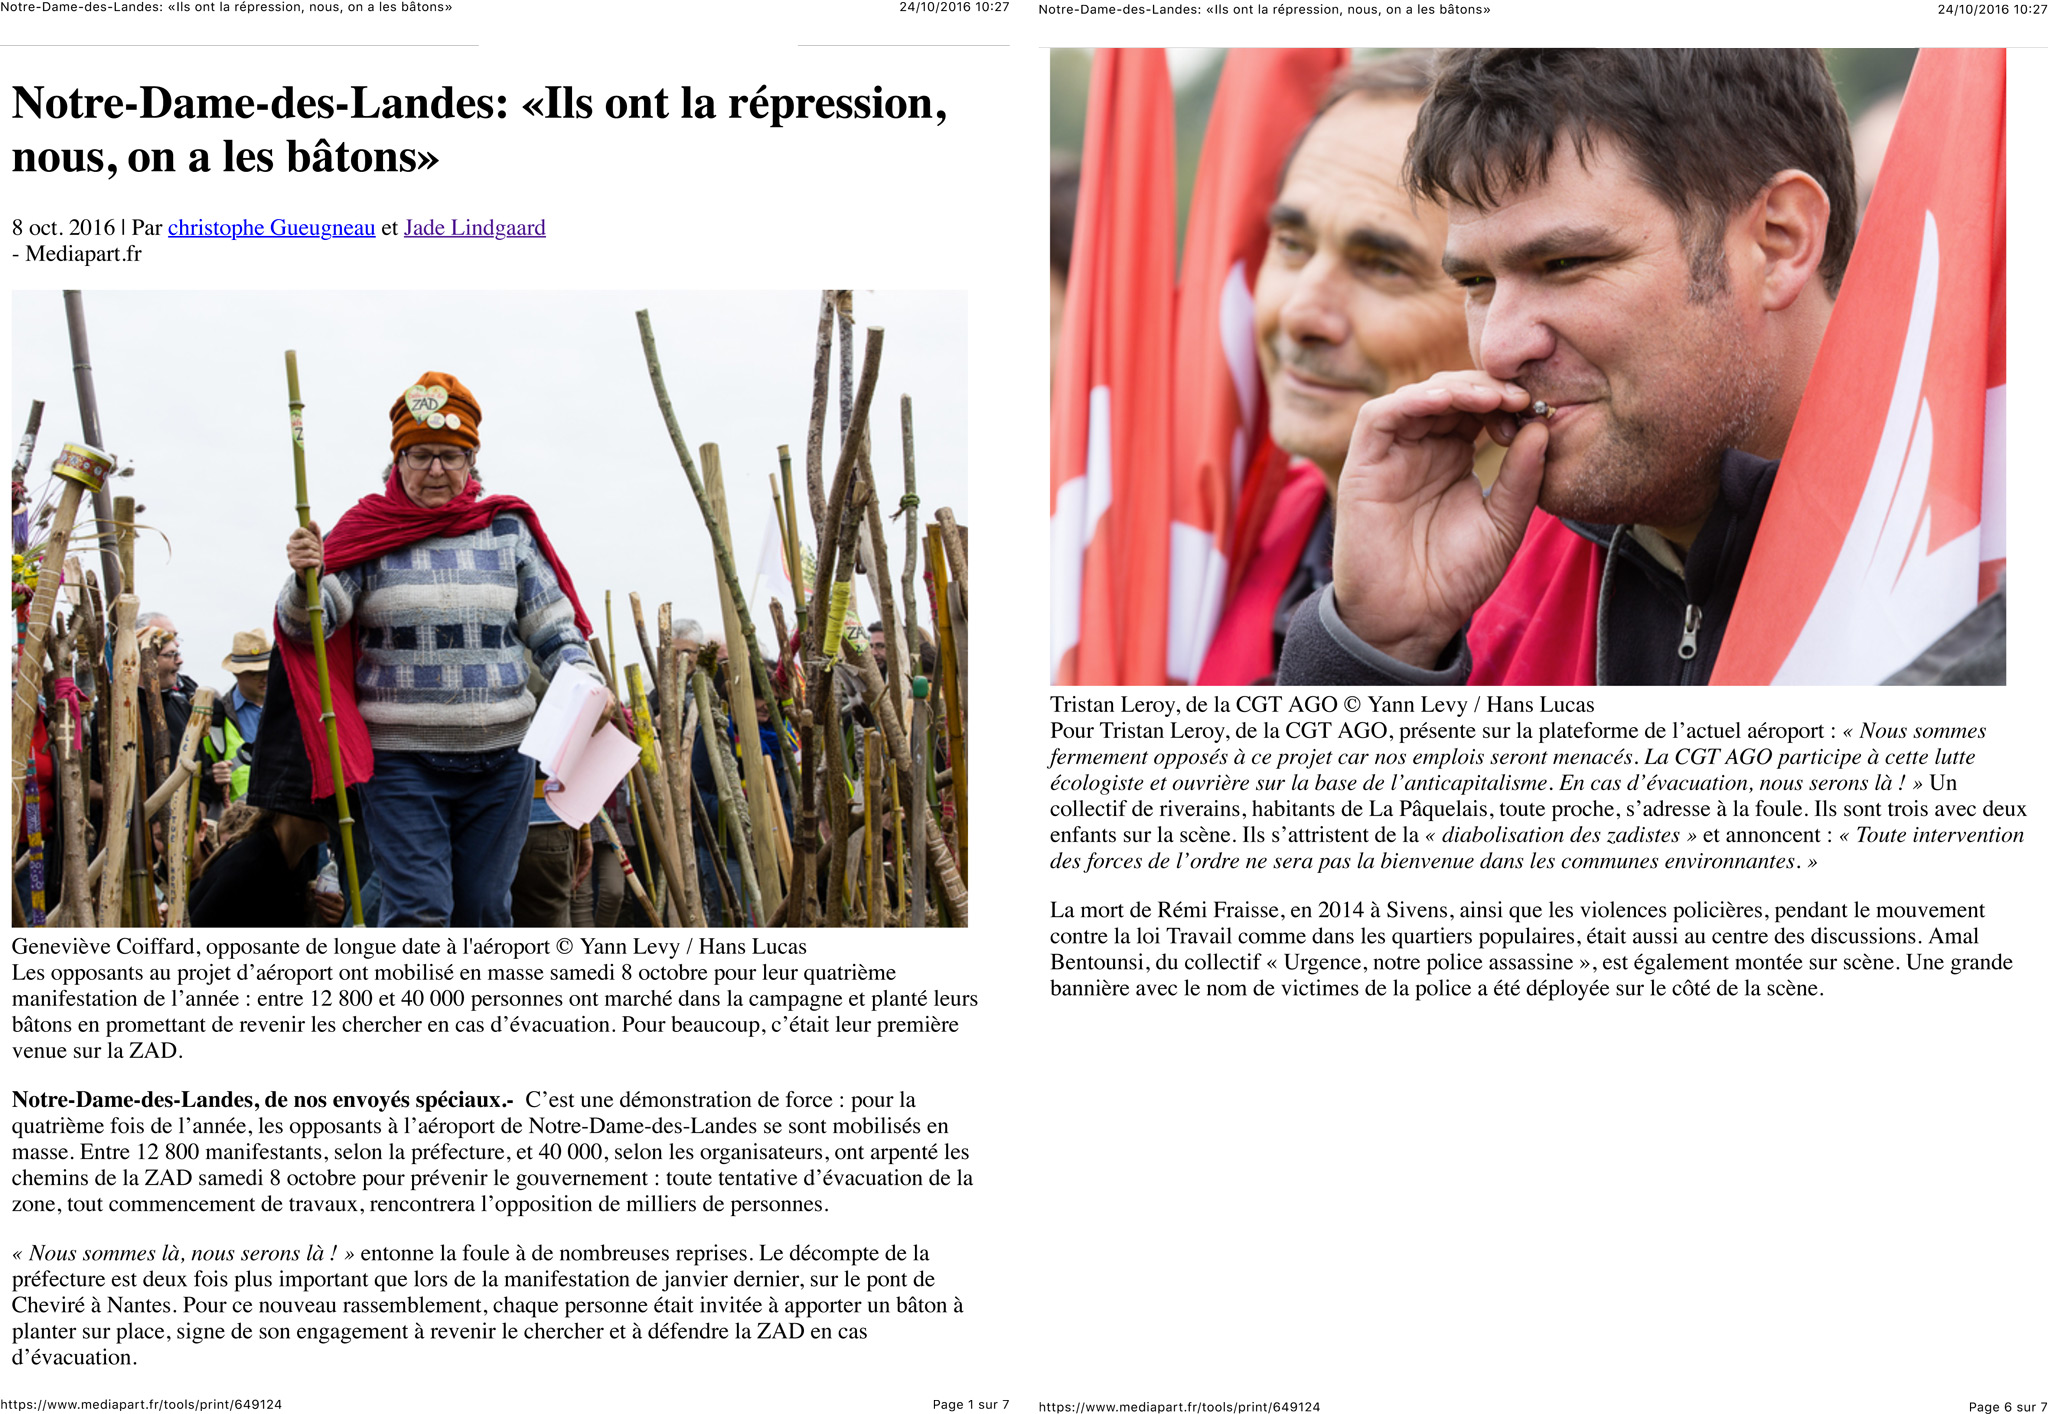 Notre-Dame-des-Landes: «Ils ont la répression, nous, on a les